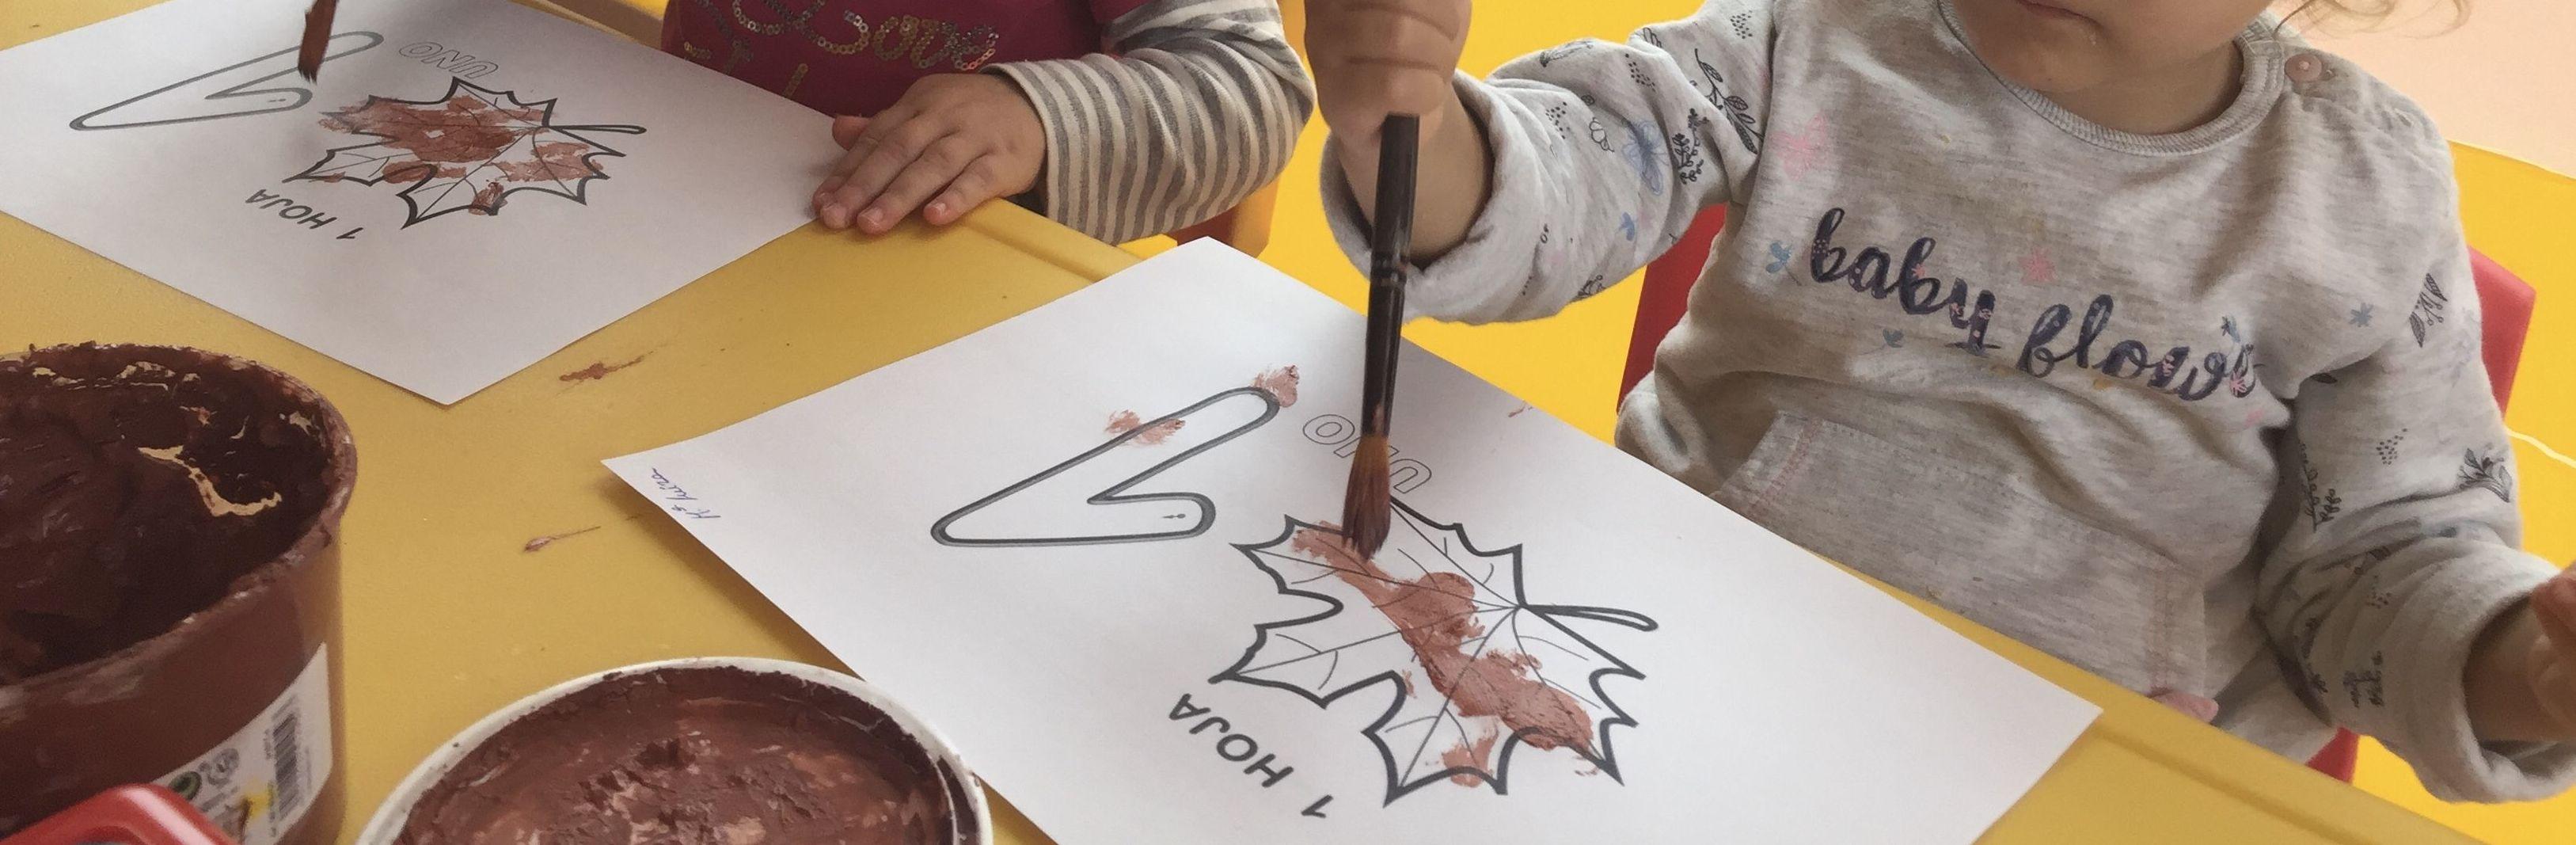 Foto 16 de Escuela infantil para niños de 0 a 3 años en Llucmajor | Escoleta Colibrís